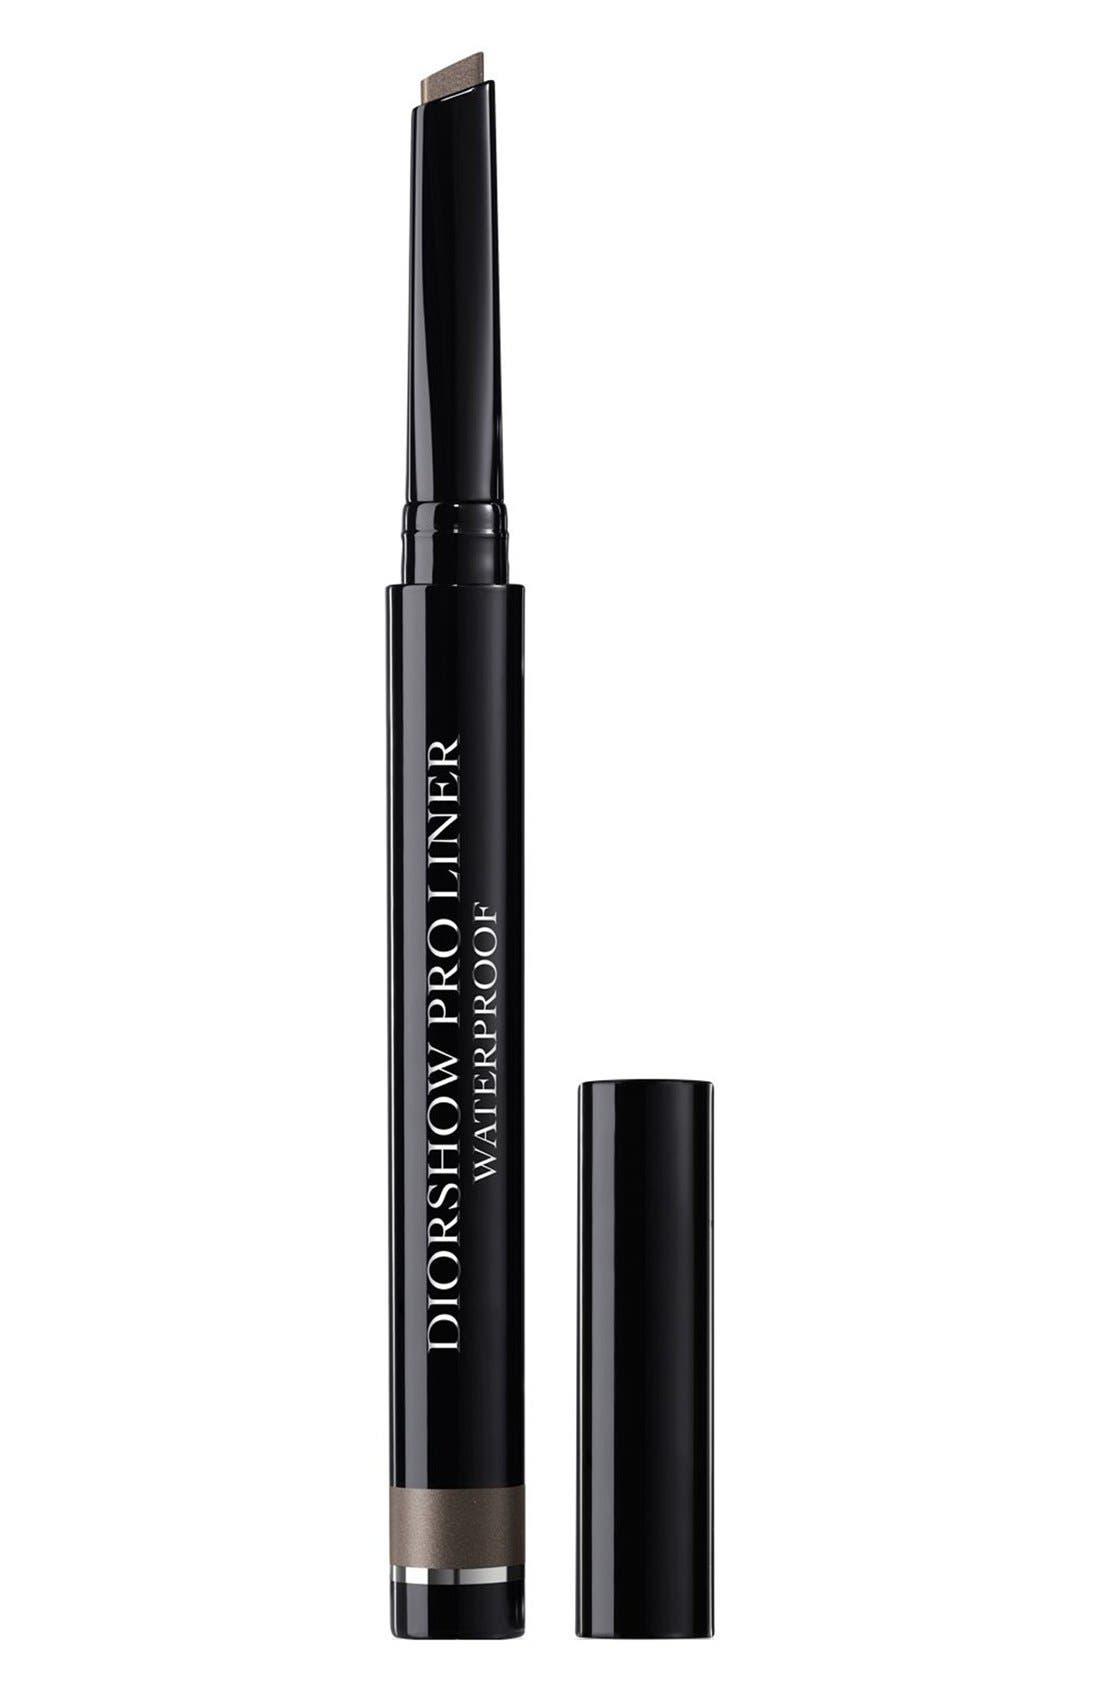 Dior Diorshow Waterproof Pro Liner - 062 Pro Grege